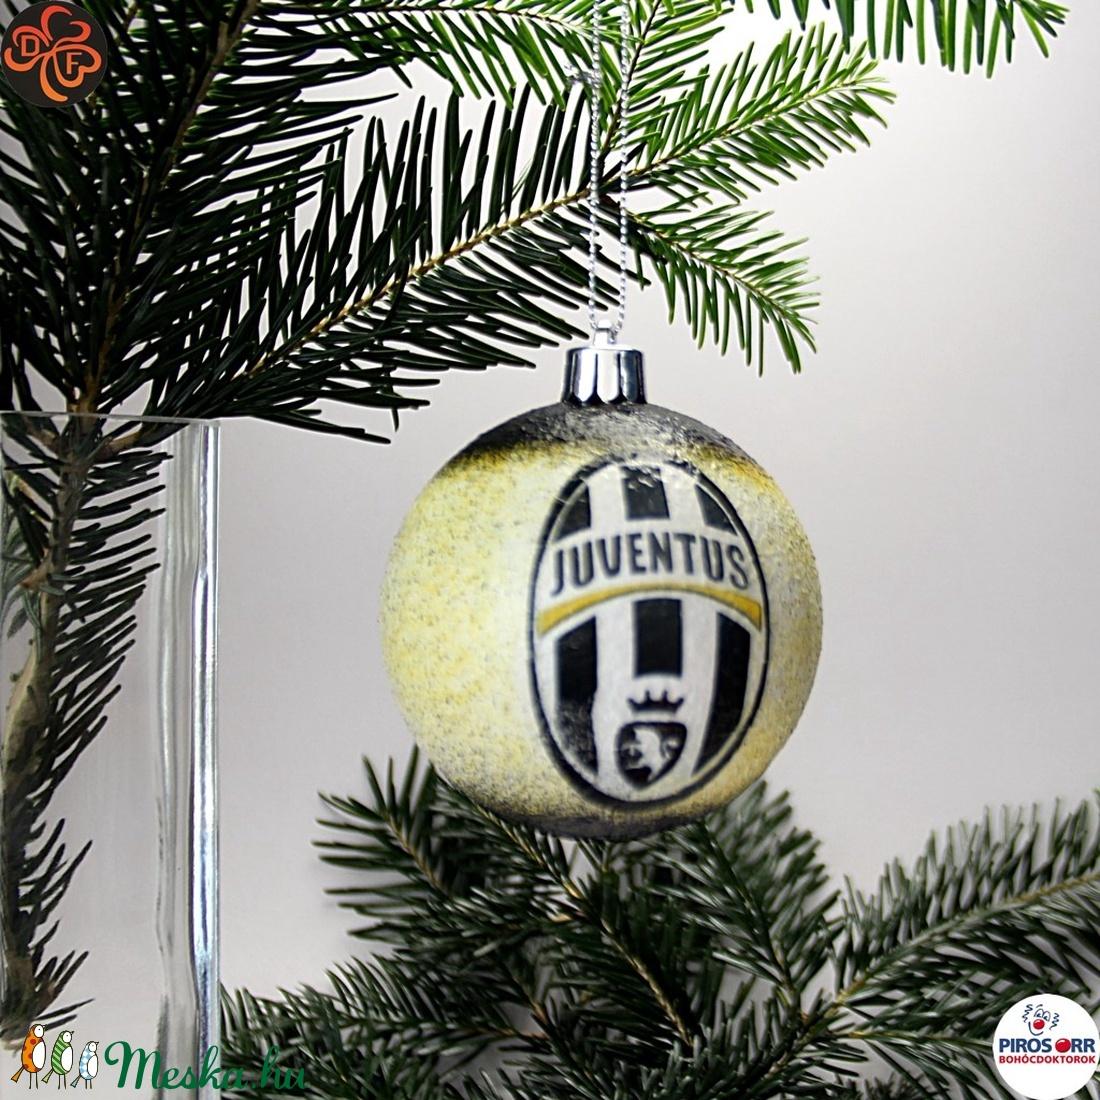 Karácsonyfadísz Juventus ; Ajándék férfi, fiú, barát, Juventus szurkoló részére (decorfantasy) - Meska.hu